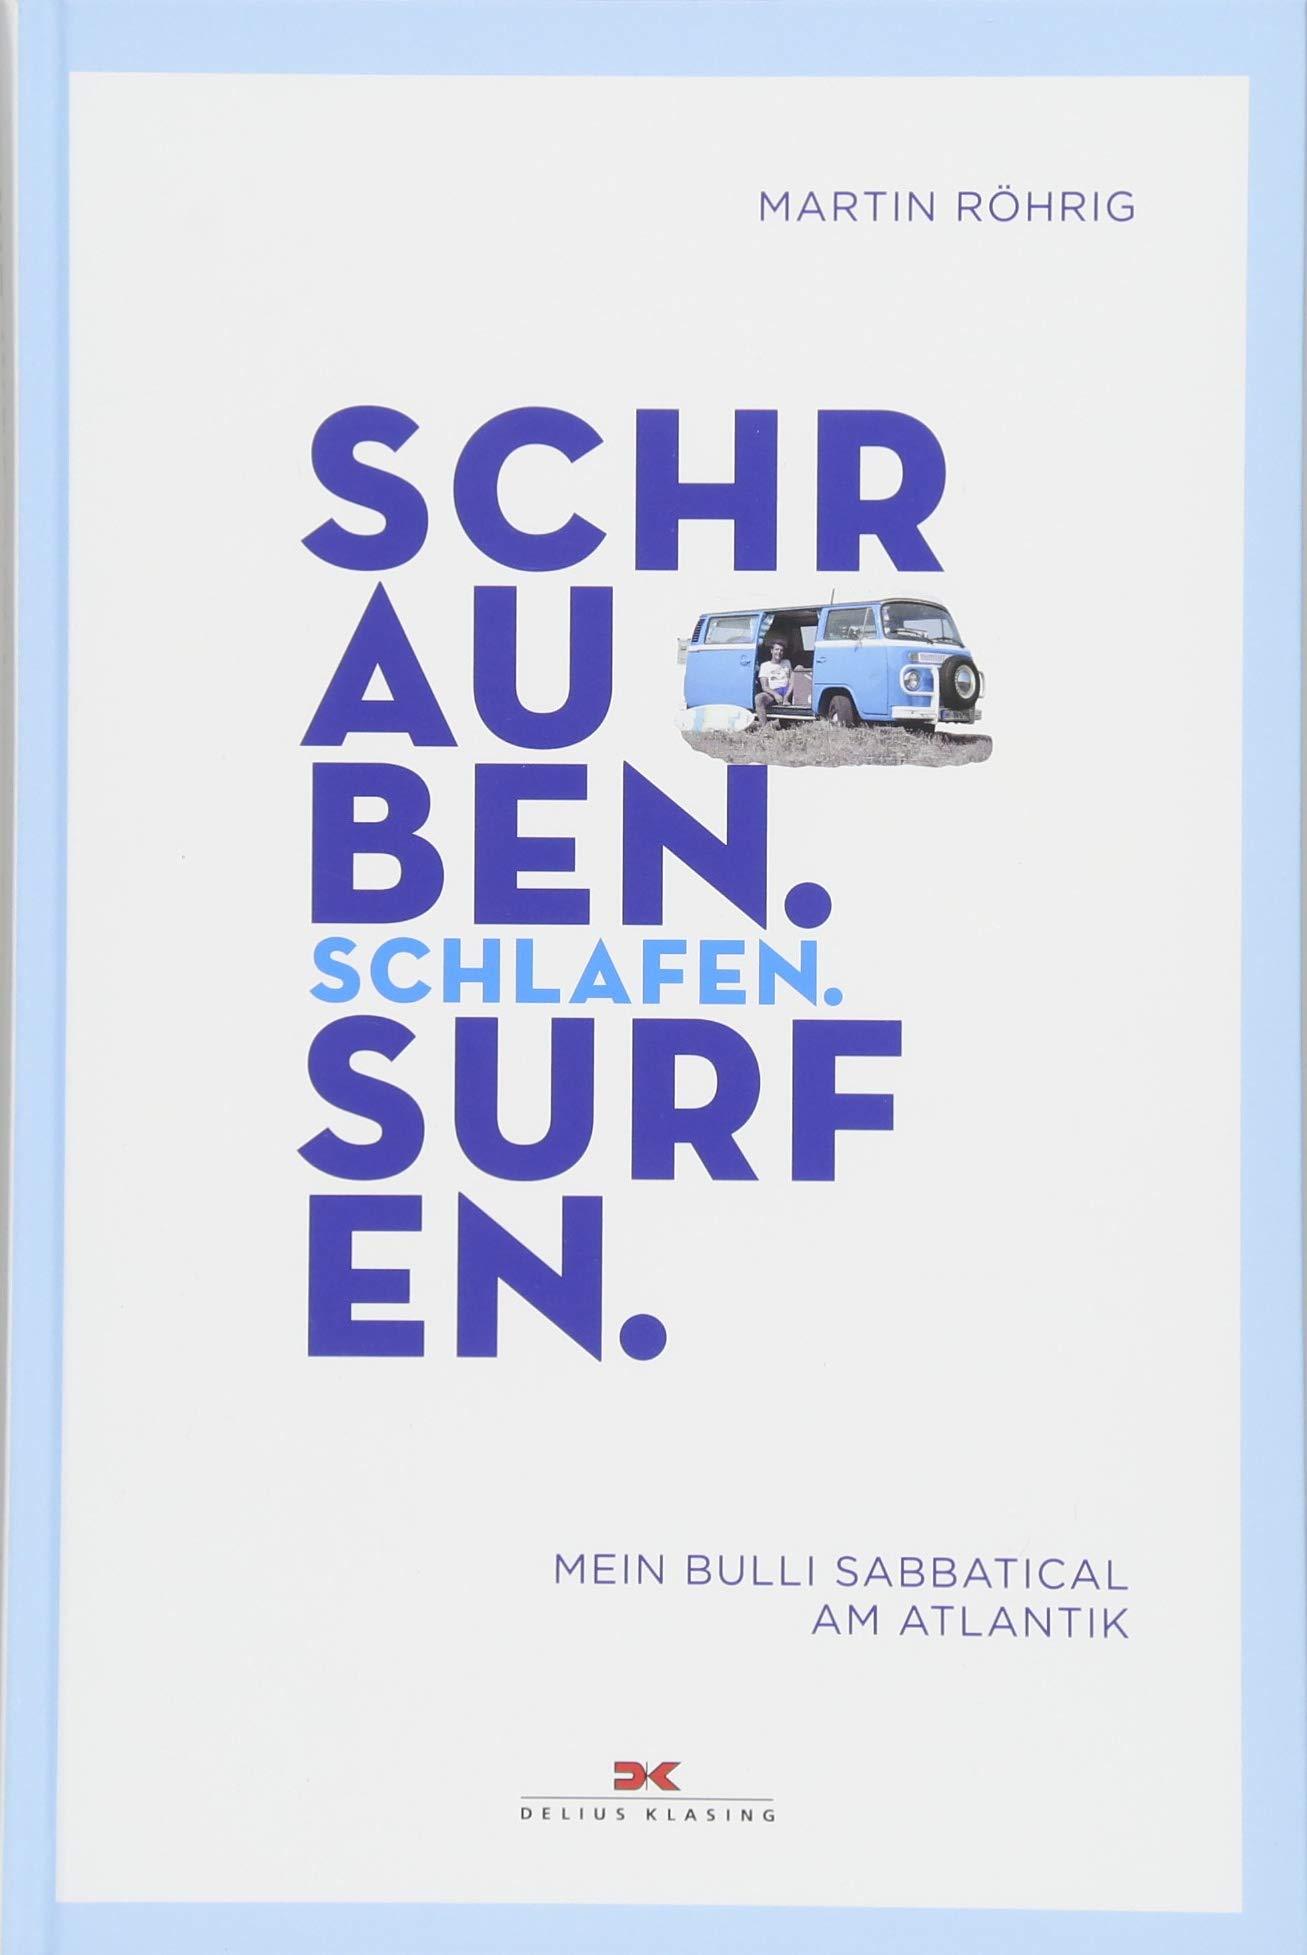 Schrauben, Schlafen, Surfen: Mein Bulli Sabbatical am Atlantik – Eine Aussteigergeschichte auf Zeit -  Mit Smurfy, dem VW Bulli T2 unterwegs -  Kiten & Surfen -  Mit GPS-Daten